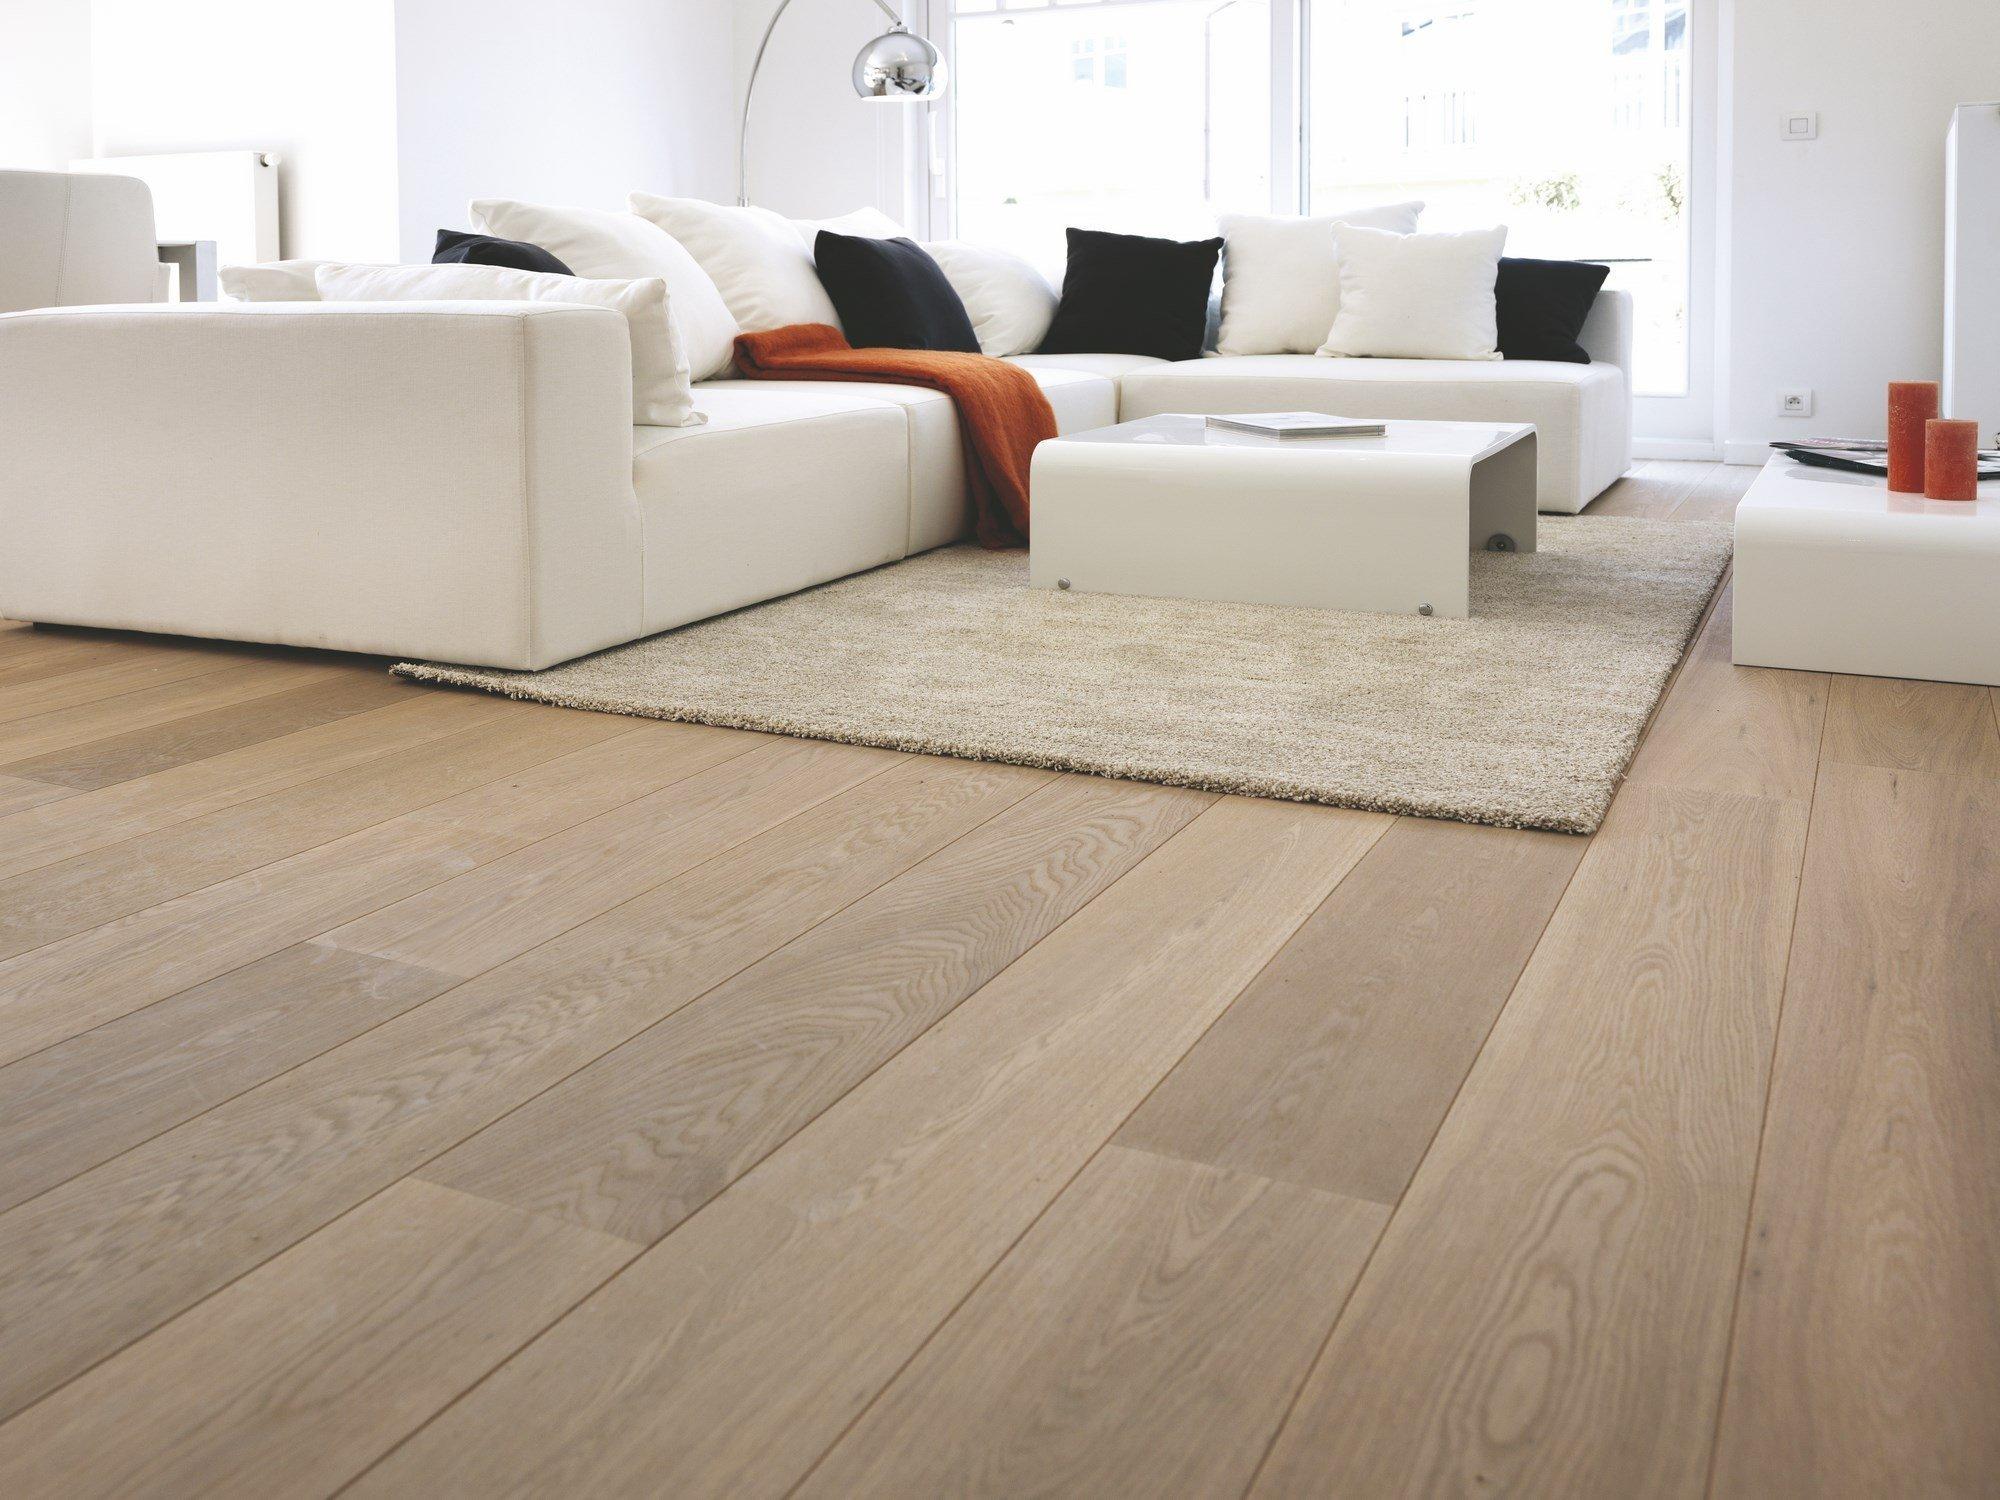 Různých typů podlahových krytin existuje celá řada, od laminátových, vinylových či korkových po PVC krytiny a mnohé další. Výsadní postavení mezi nimi si však stále drží podlahy dřevěné, které se v našich obydlích používají již stovky let. Ceníme si na nich přírodní přirozenosti, originálního vzhledu i toho, jak příjemně teplé jsou při kontaktu s bosou nohou. Je však třeba mít se na pozoru, i mezi dřevěnými podlahami existují rozdíly. Tou pravou královnou je jen jedna – podlaha z masivního dřeva.